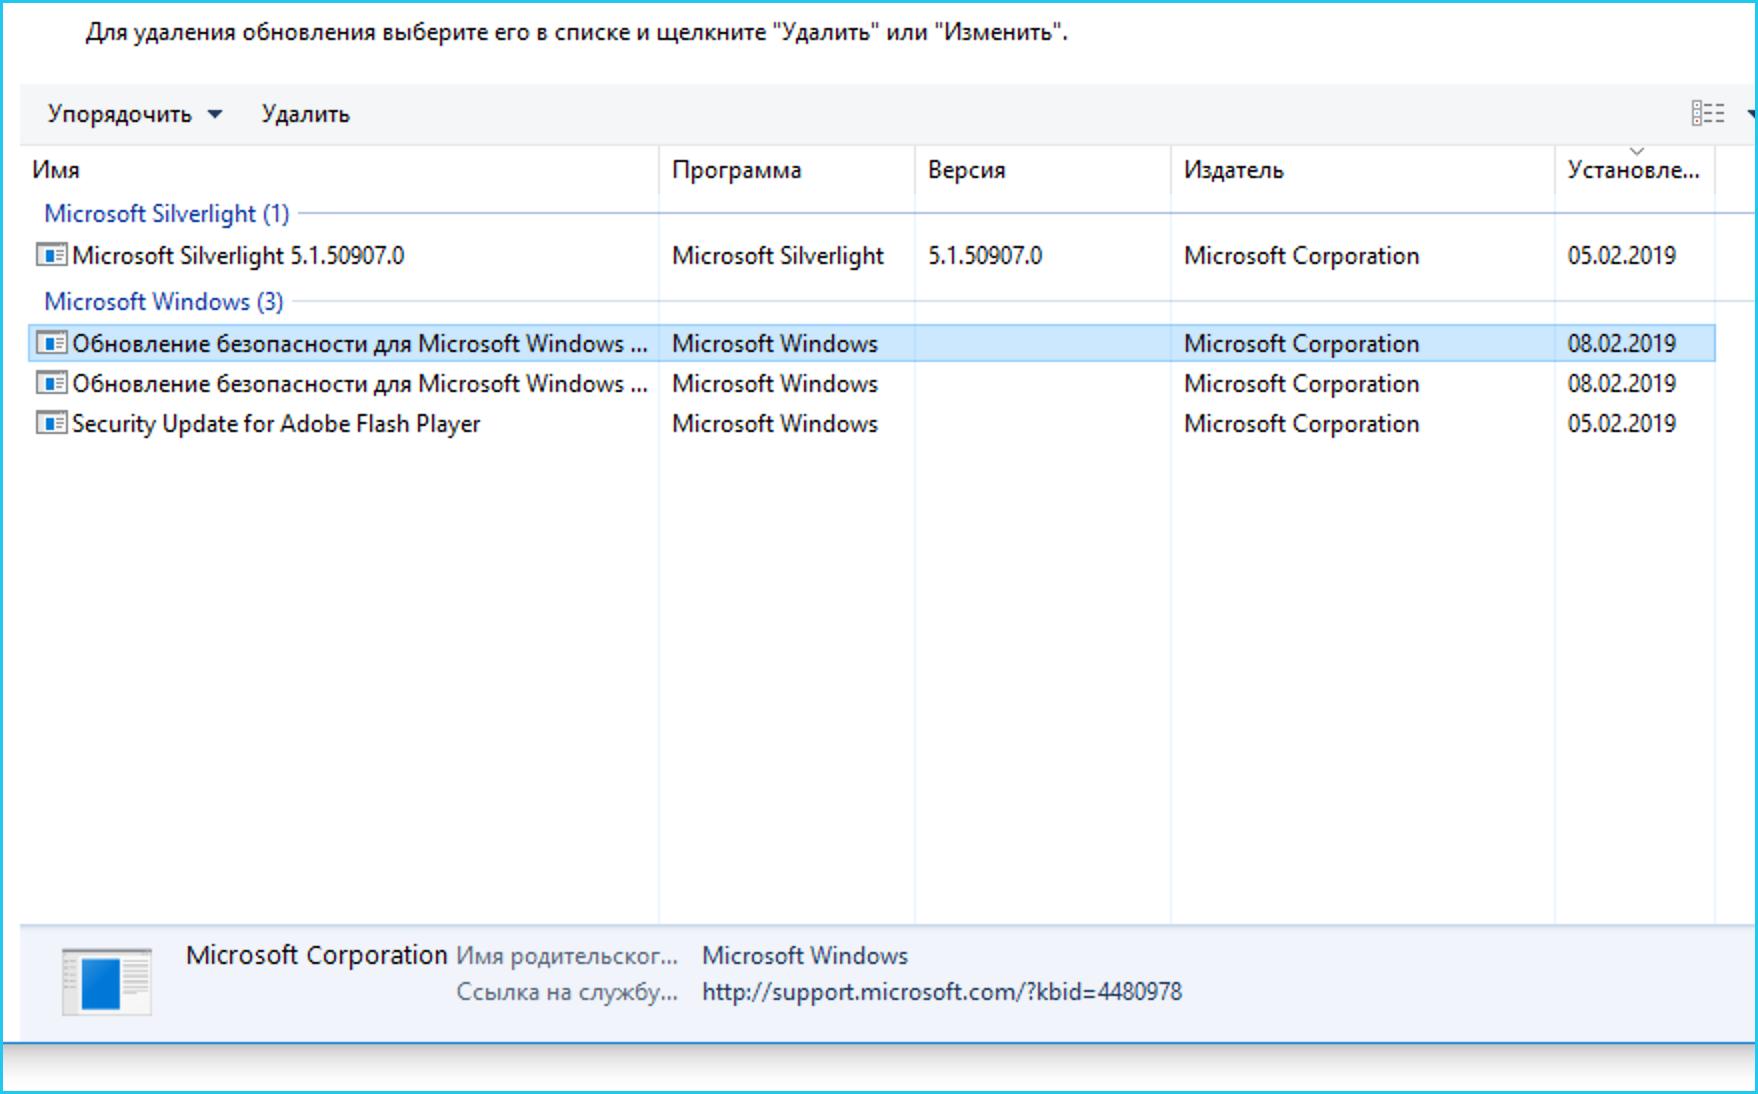 Стандартный интерфейс установки и обновления программ